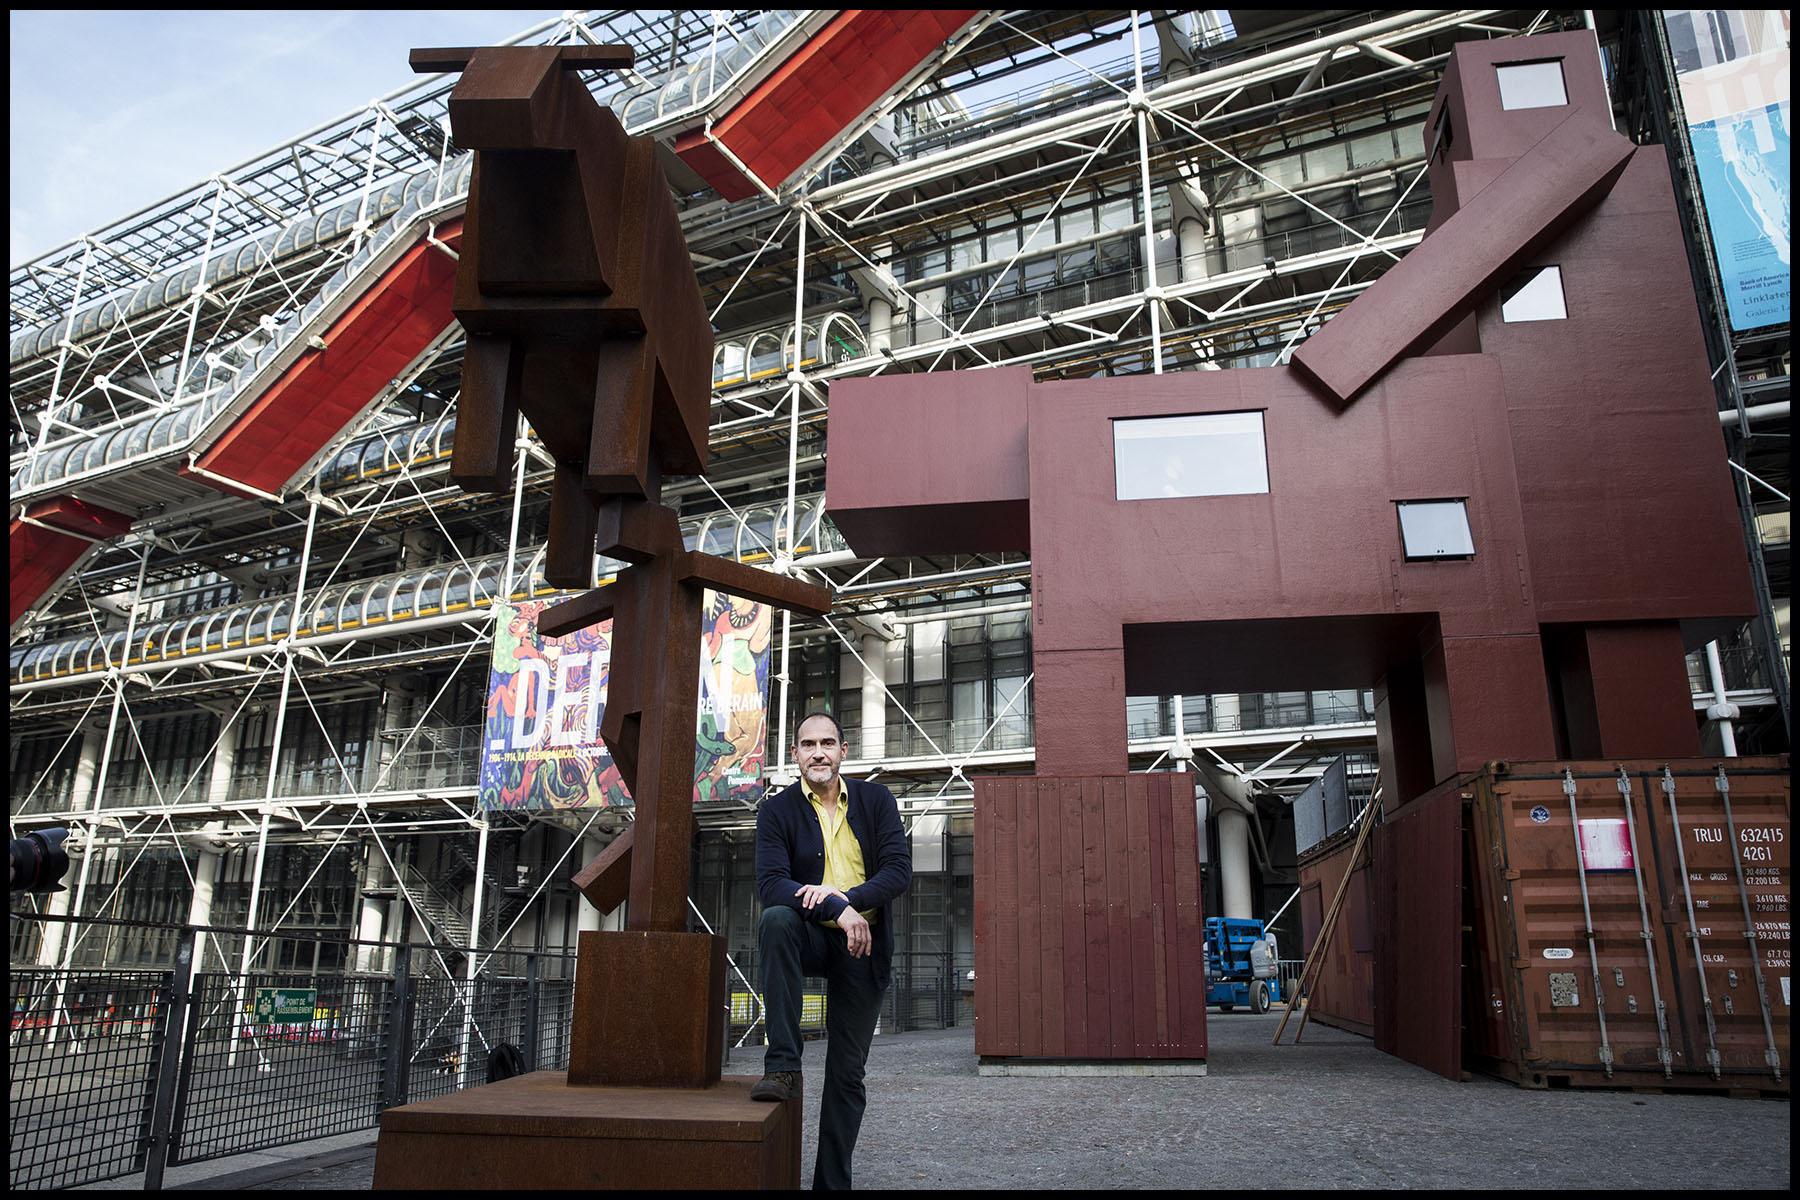 Le Domestikator,  l'oeuvre de l'artiste néerlandais Joep VAN LIESHOUT devant le centre Georges Pompidou à Beaubourg.